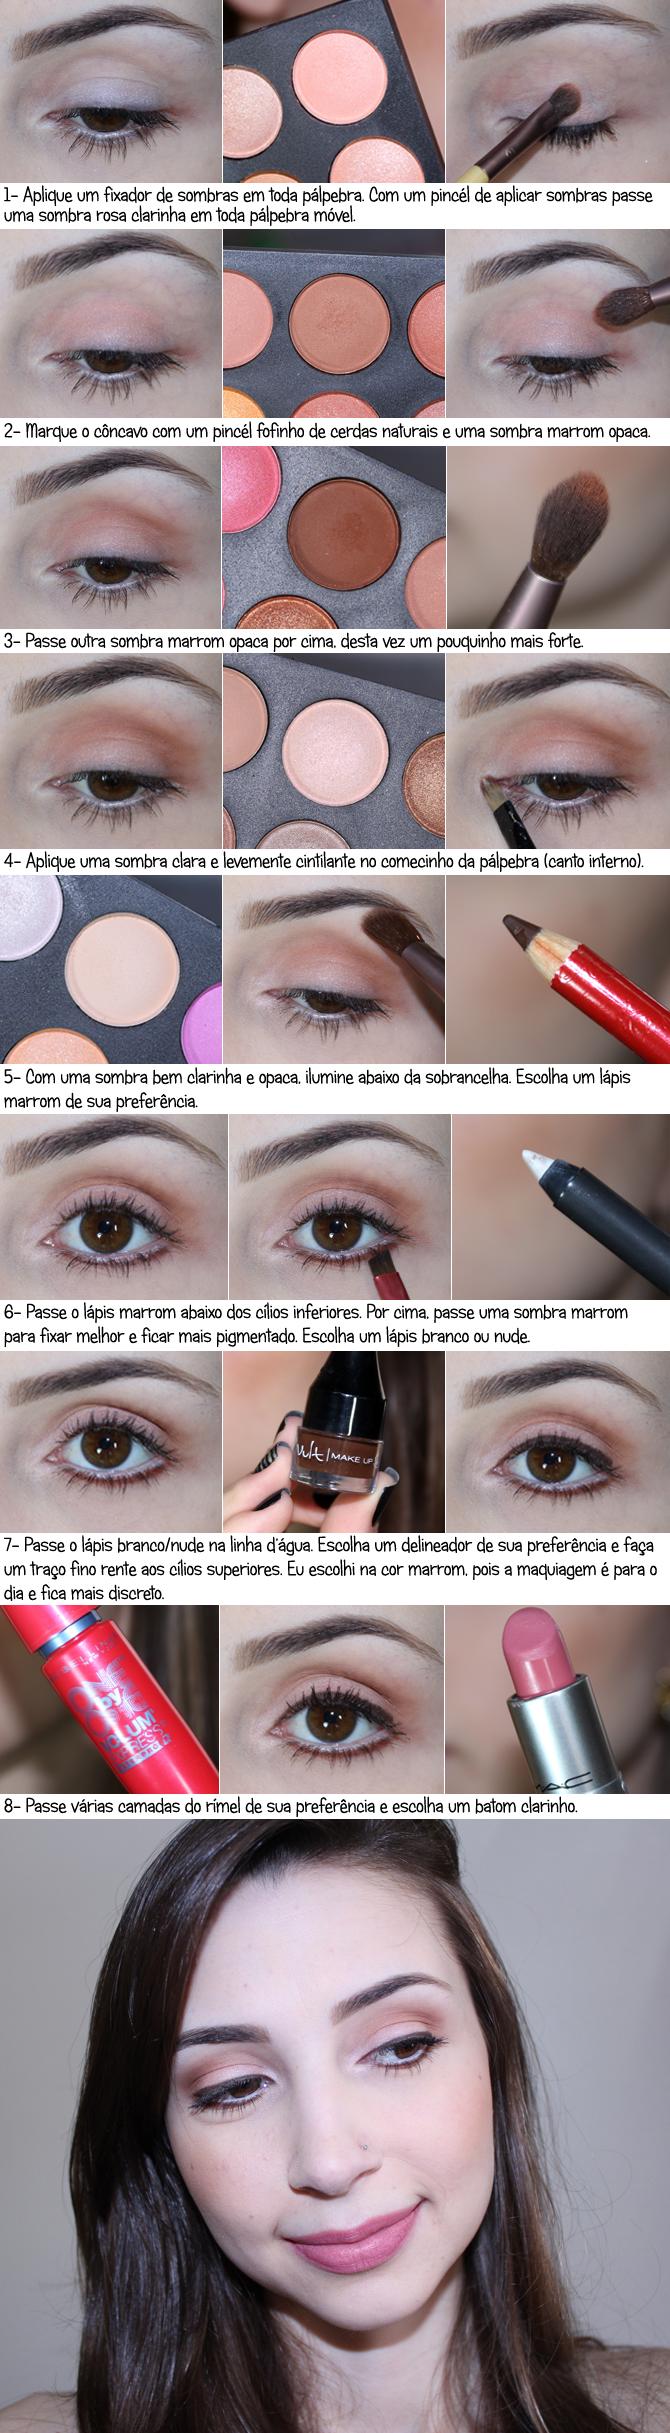 tutorial em foto - maquiagem para o dia copy